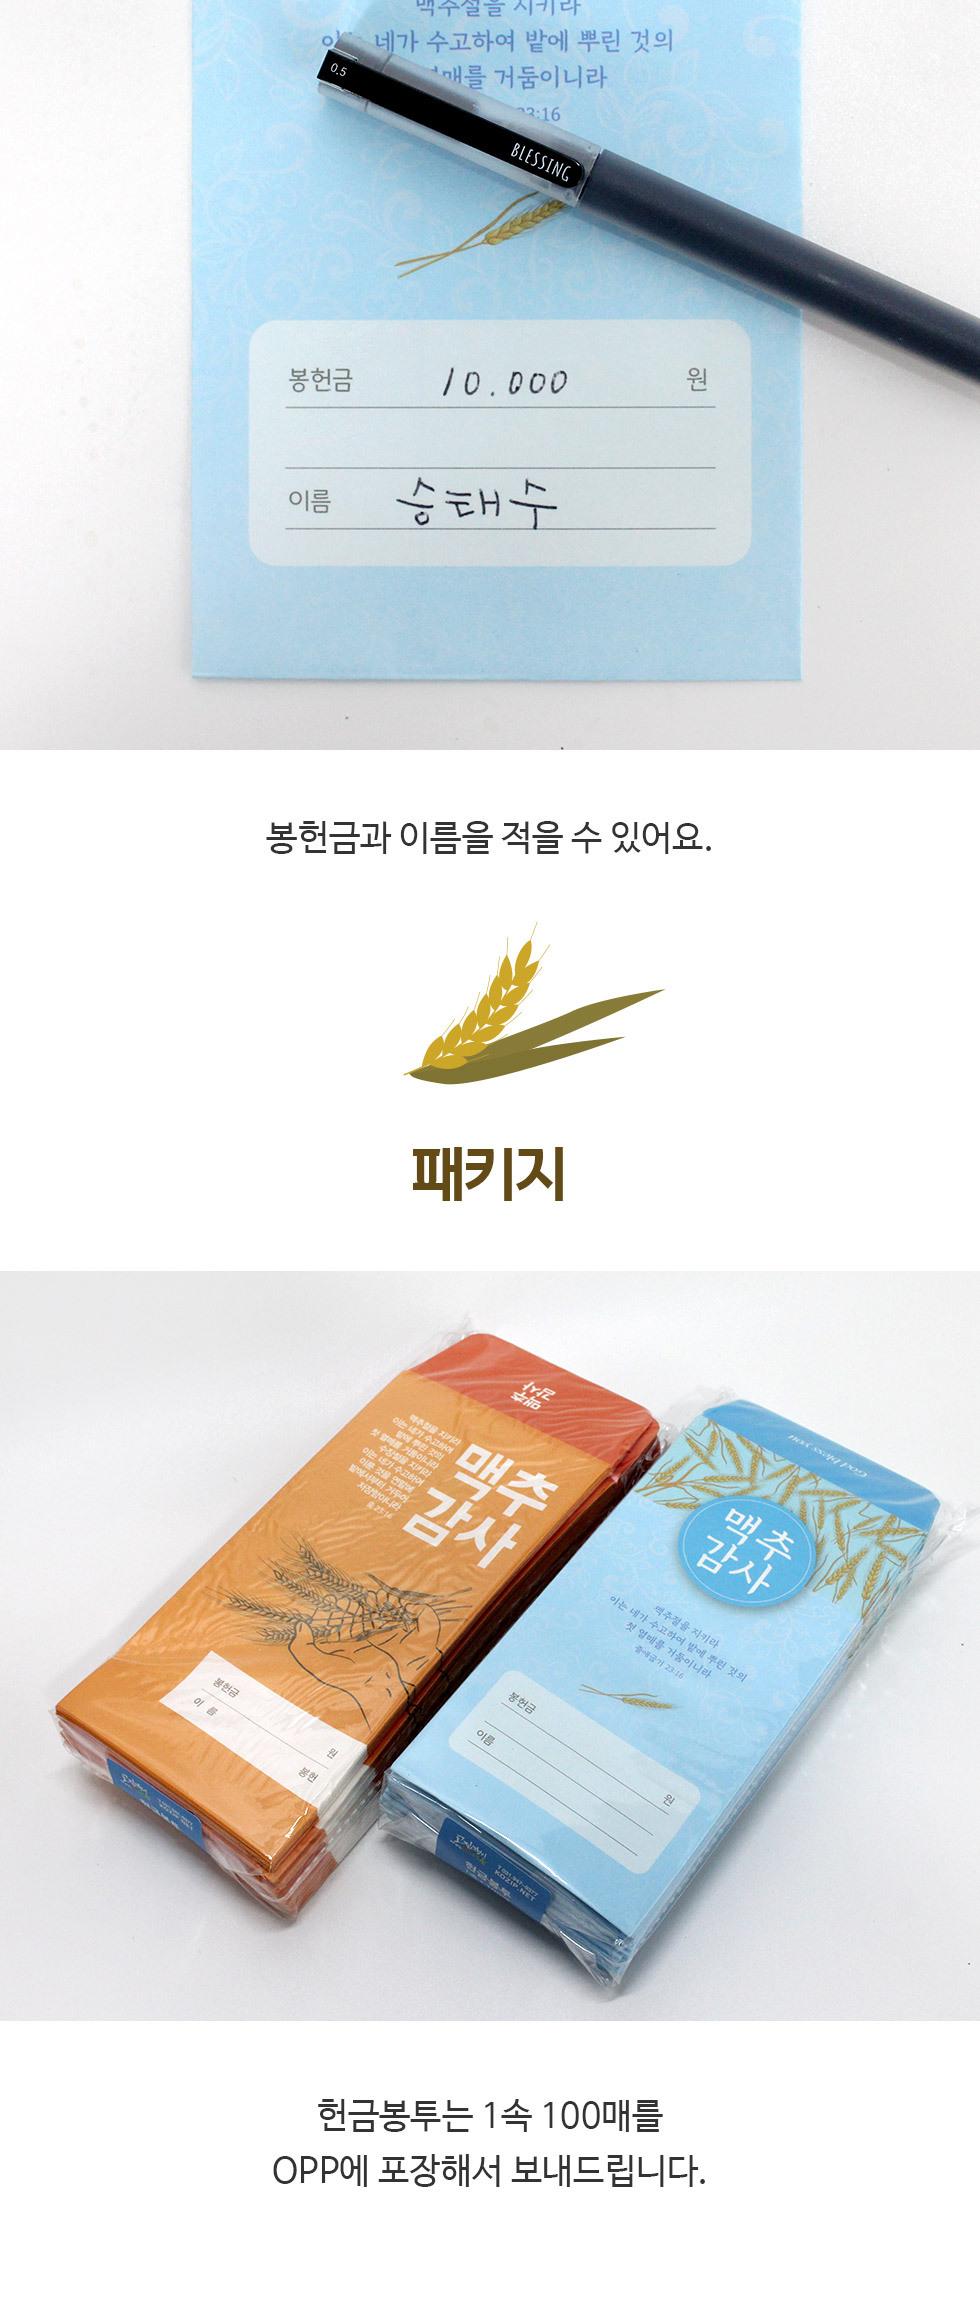 헌금봉투 맥추감사헌금 이삭 특징